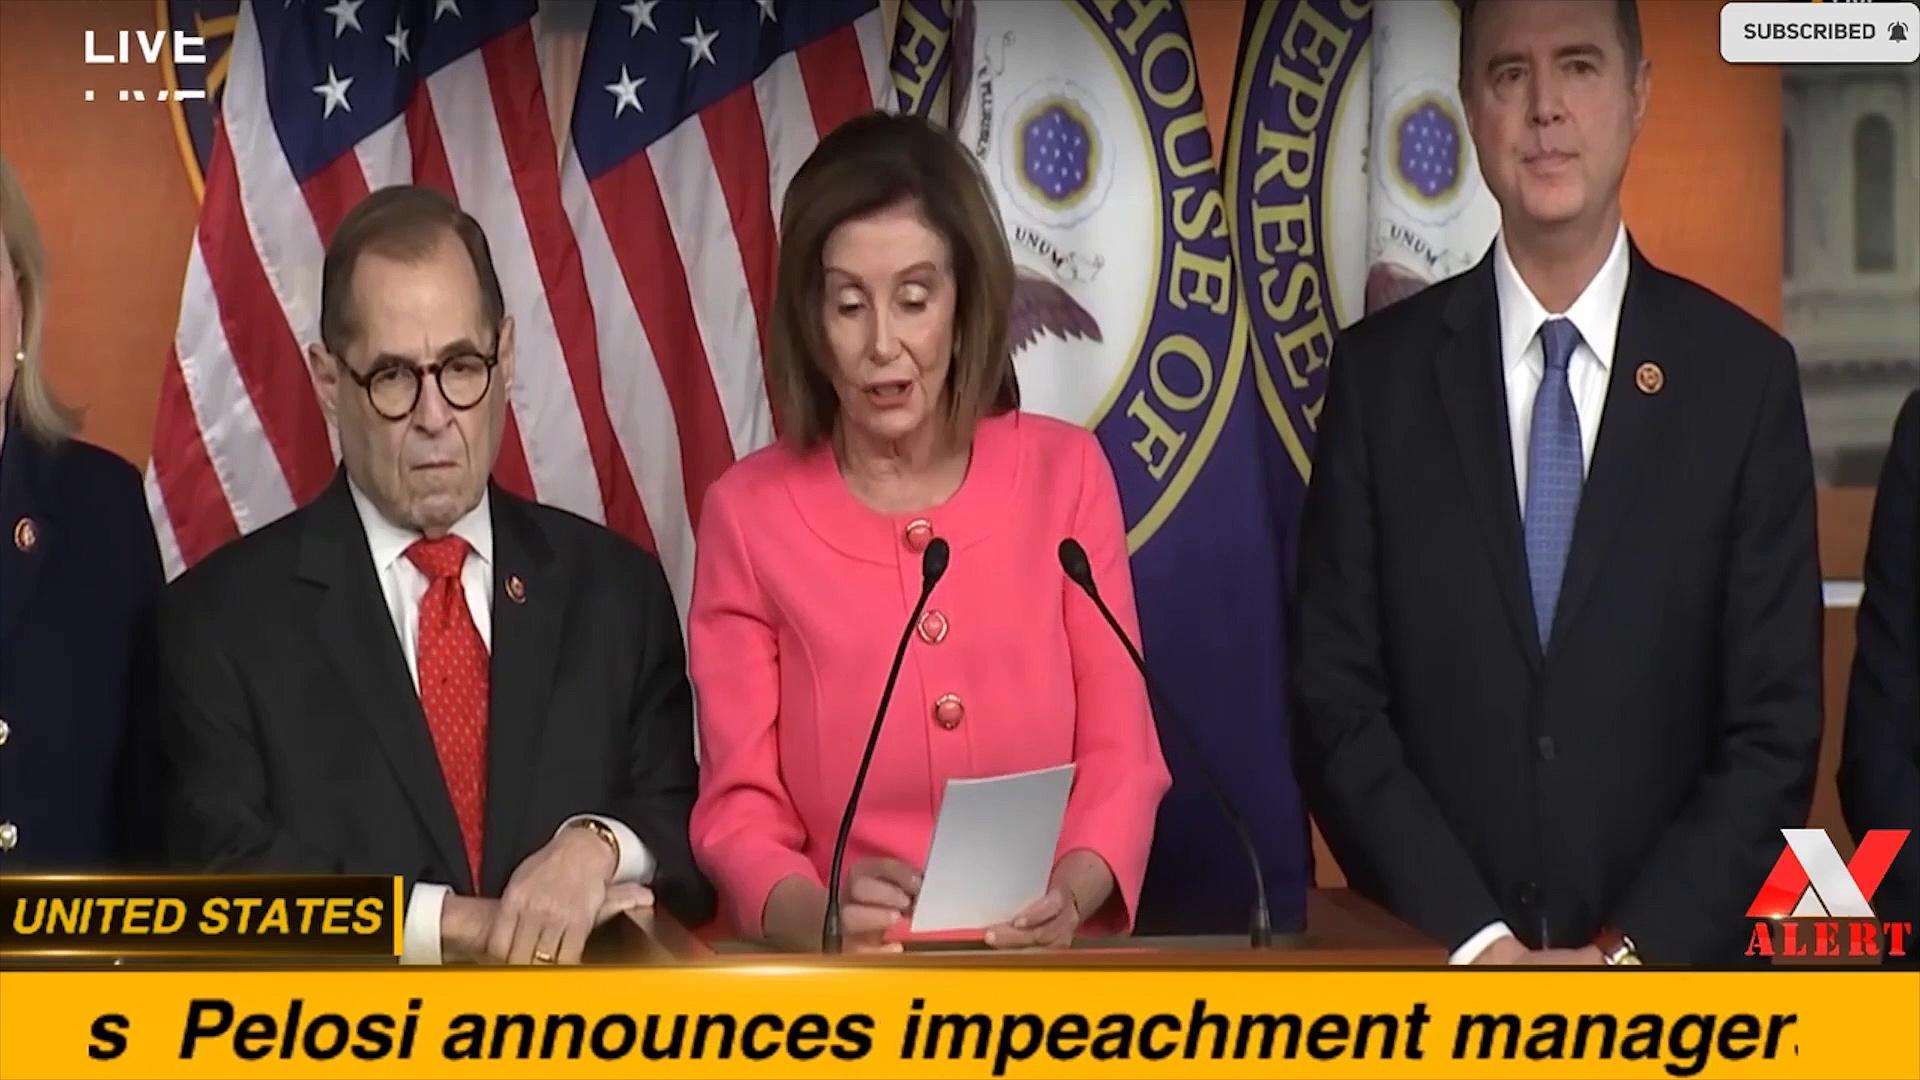 Pelosi announces impeachment managers — UNITED STATES